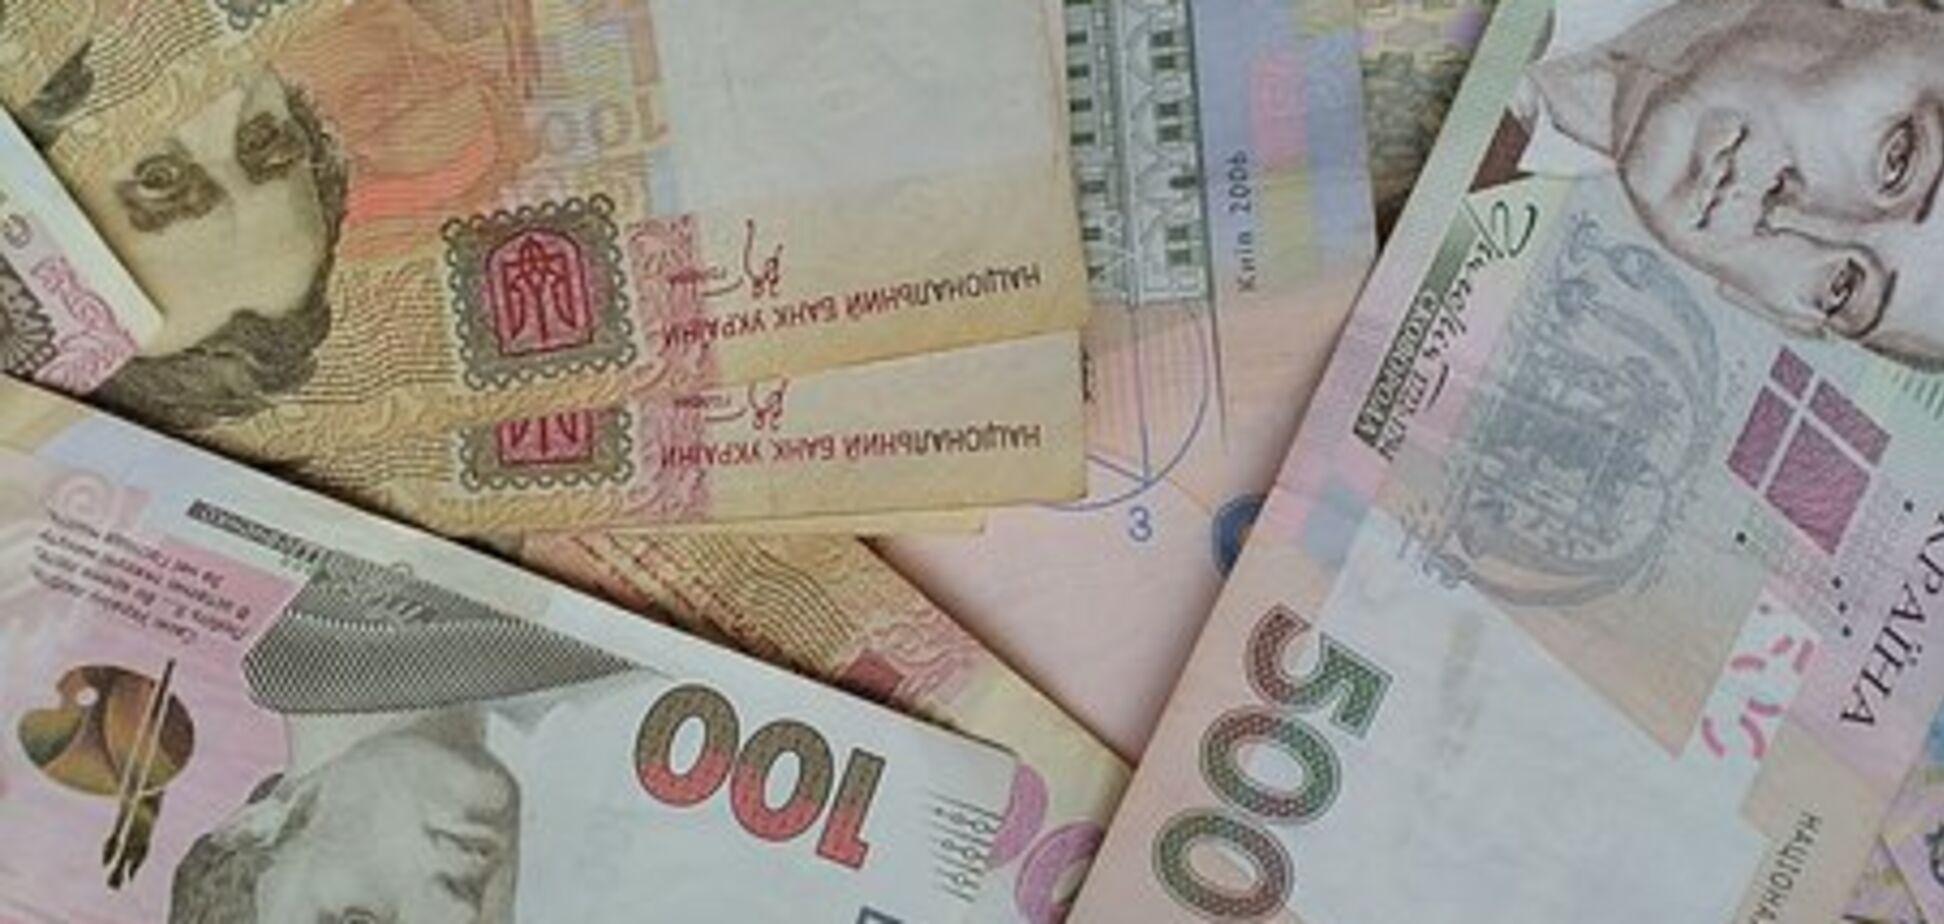 Предприниматели должны государству 56 млрд грн